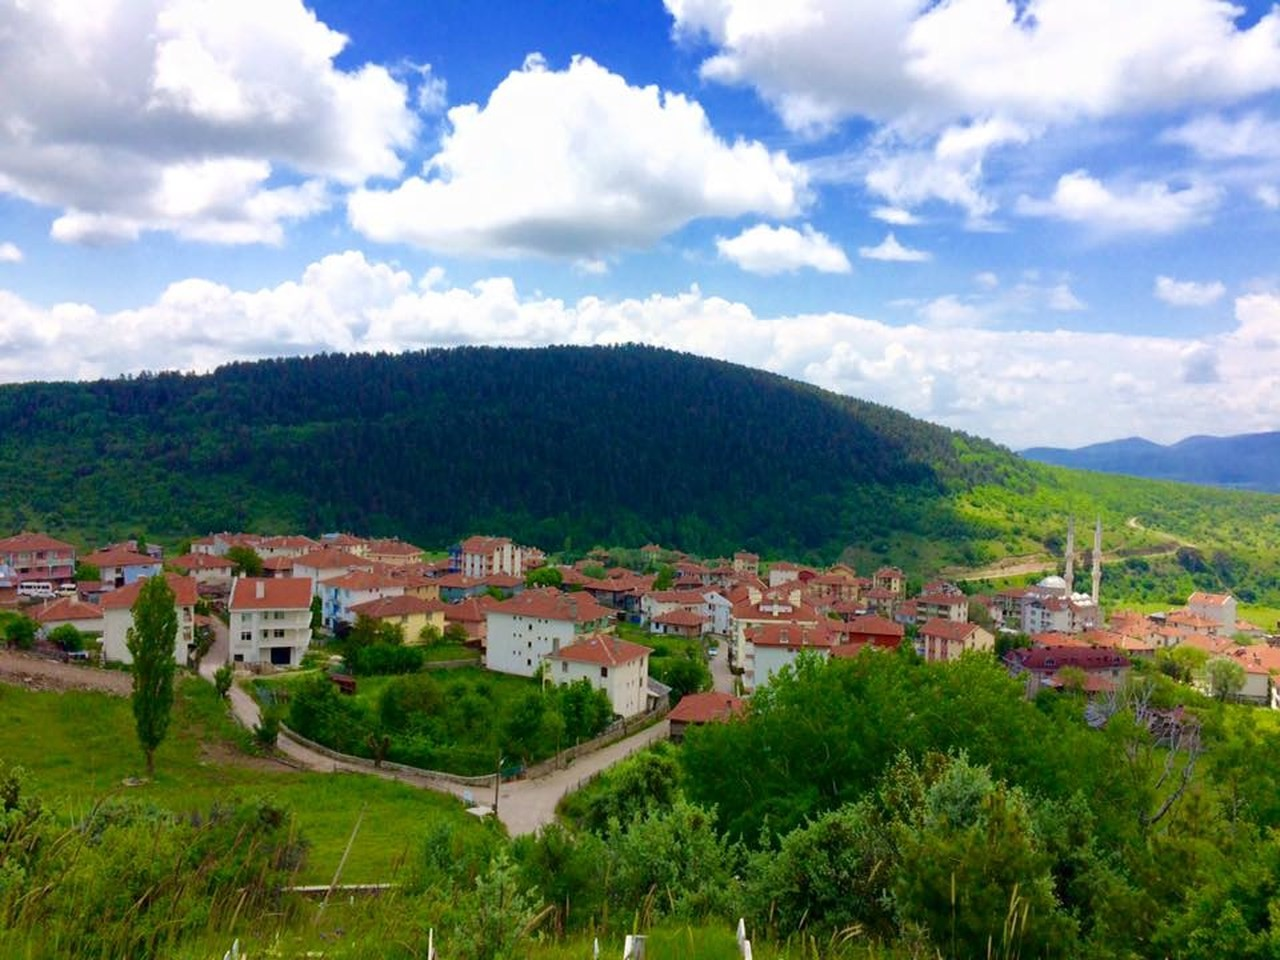 kızılcahamam köylerinin uzaktan çekilmiş fotoğrafı